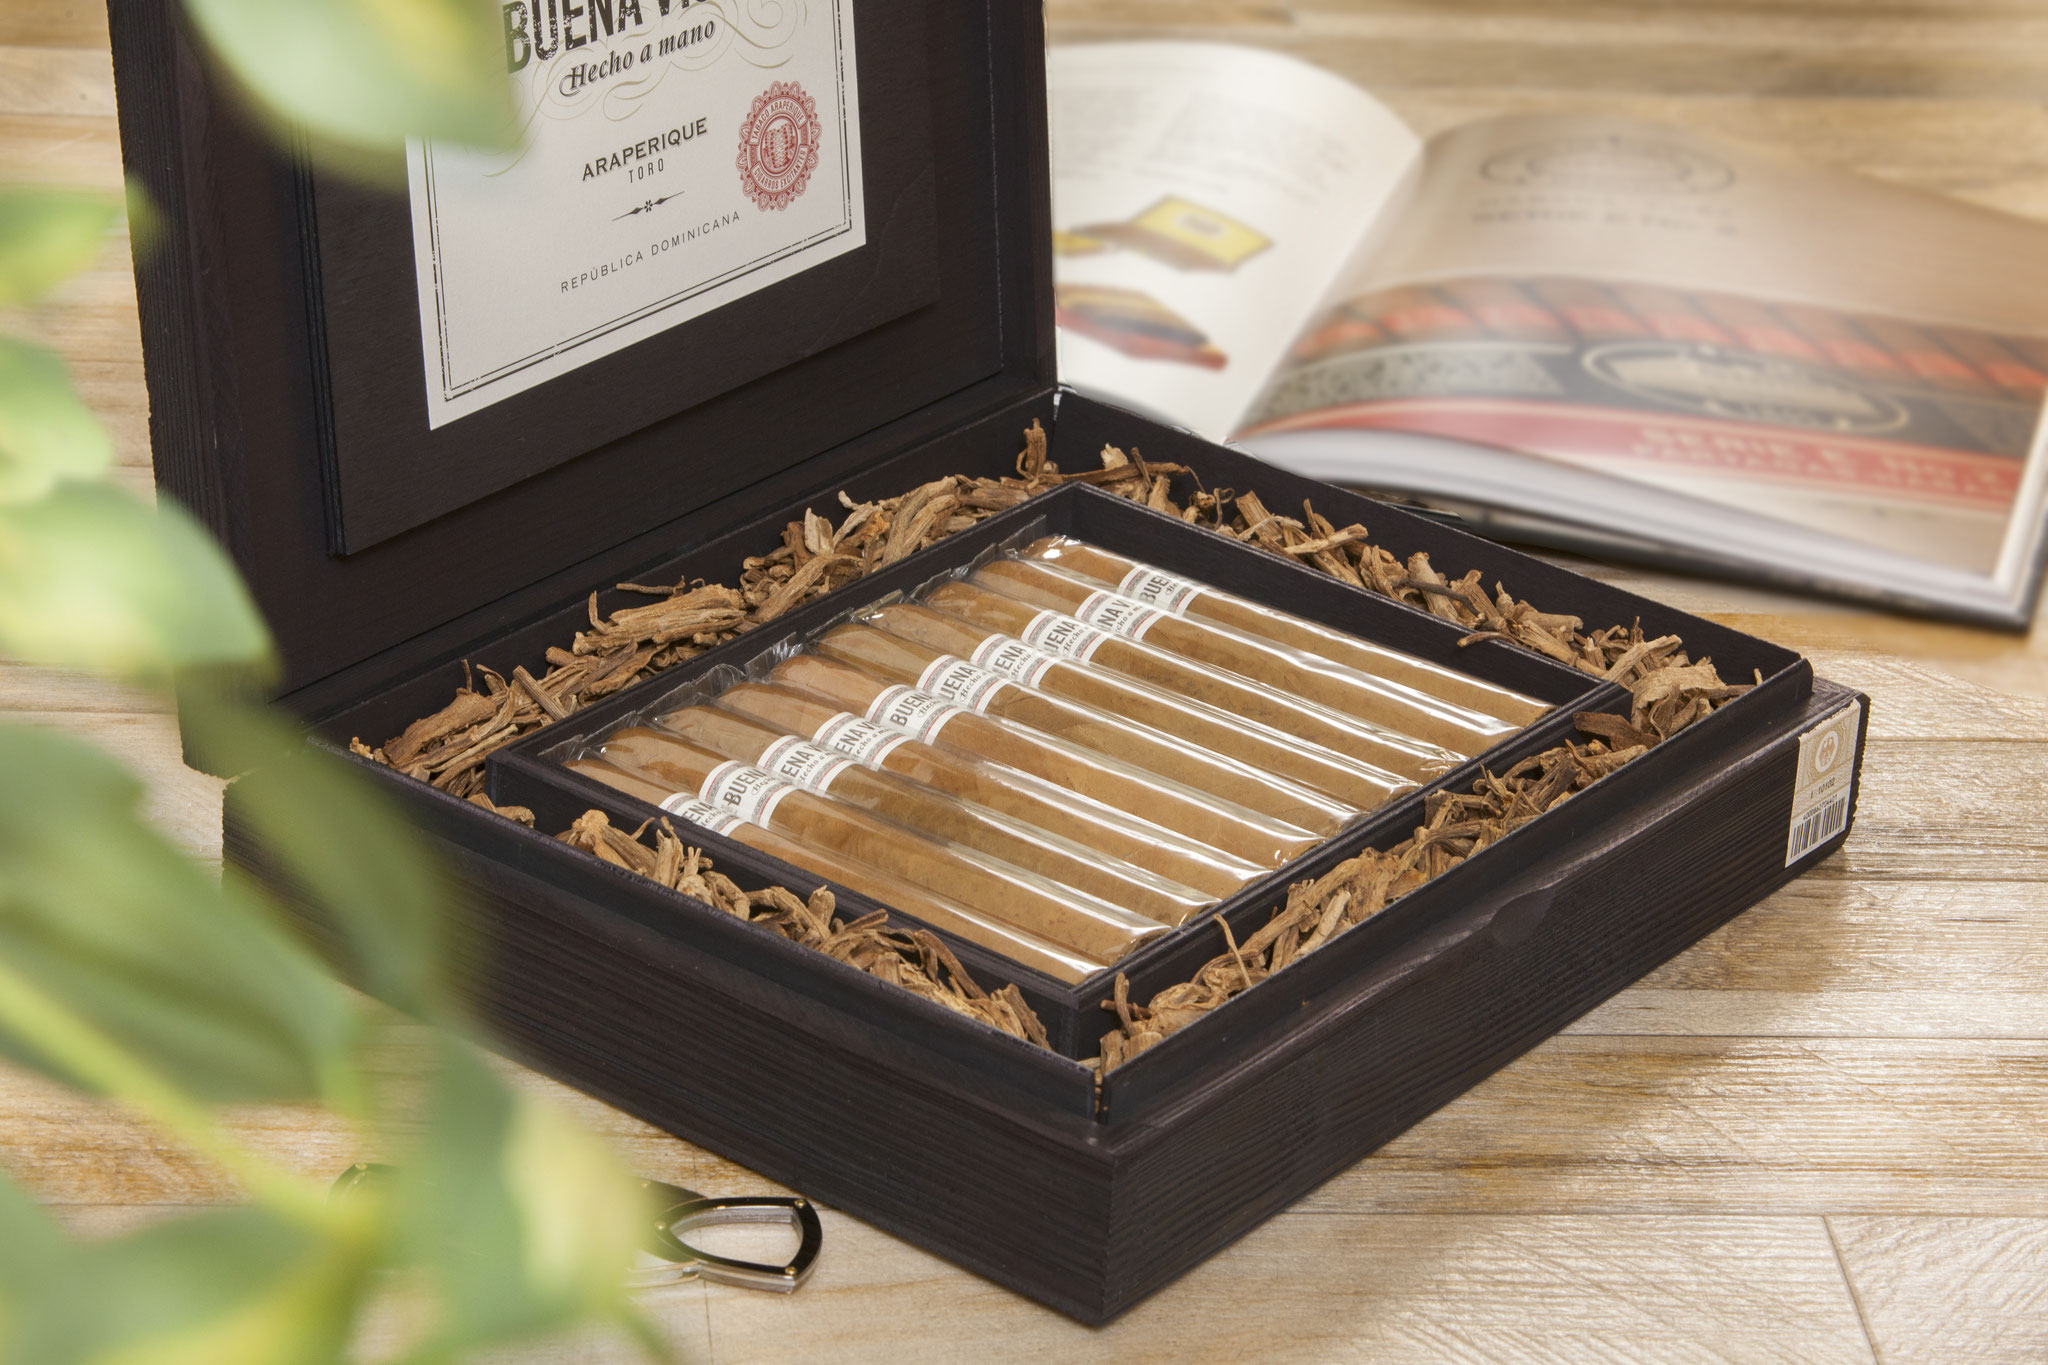 Zigarren bei Ottmann in Sulzbach-Rosenberg